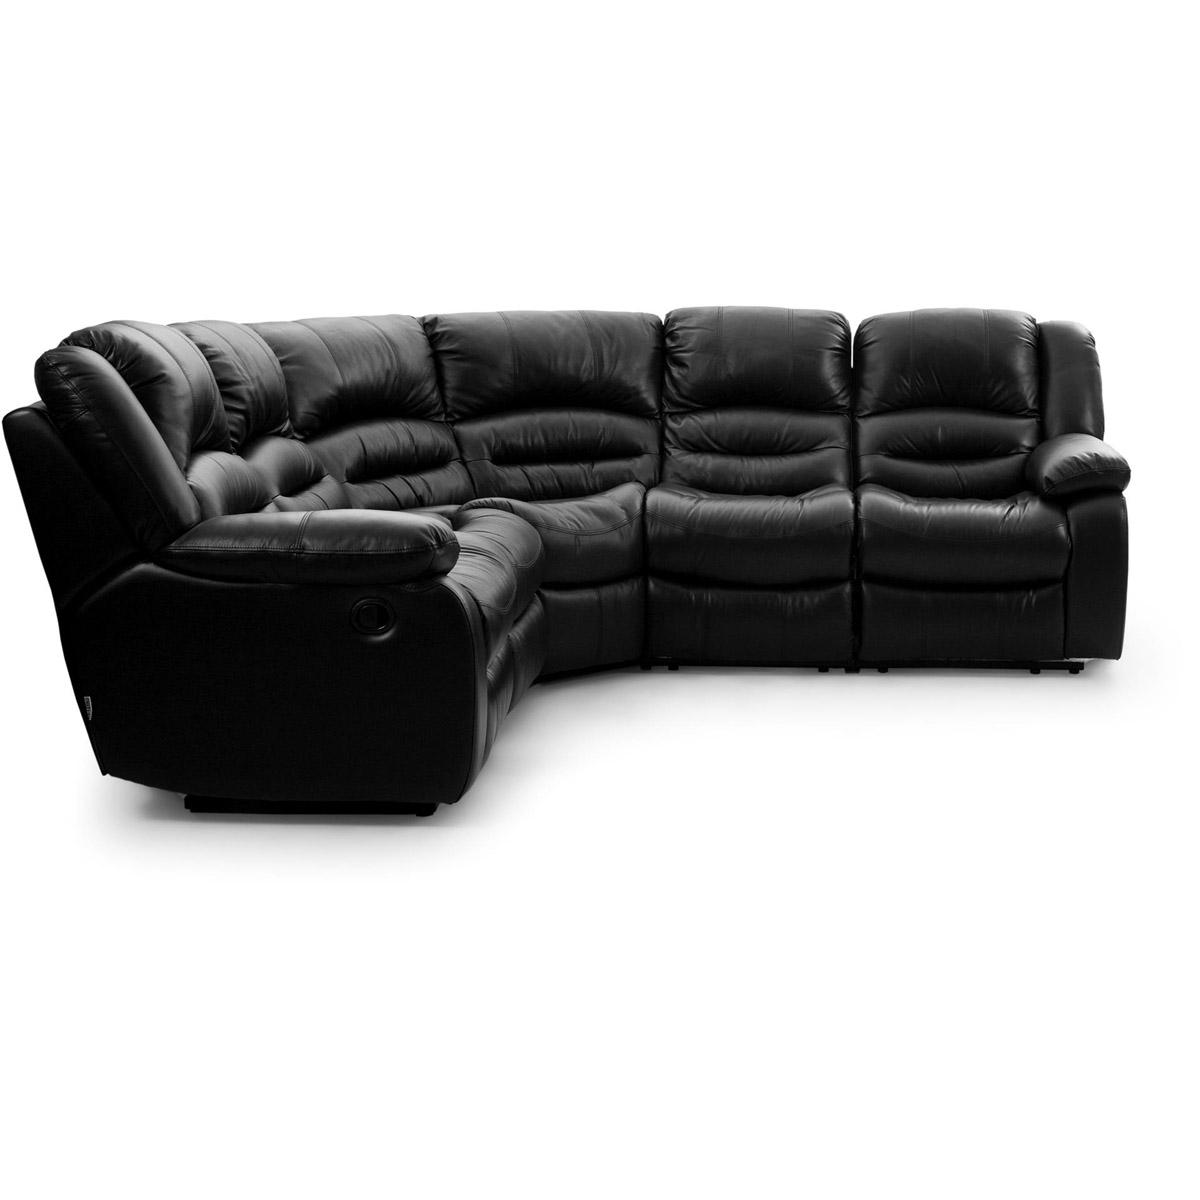 Paus-hornsoffa-recliner-svart-lader